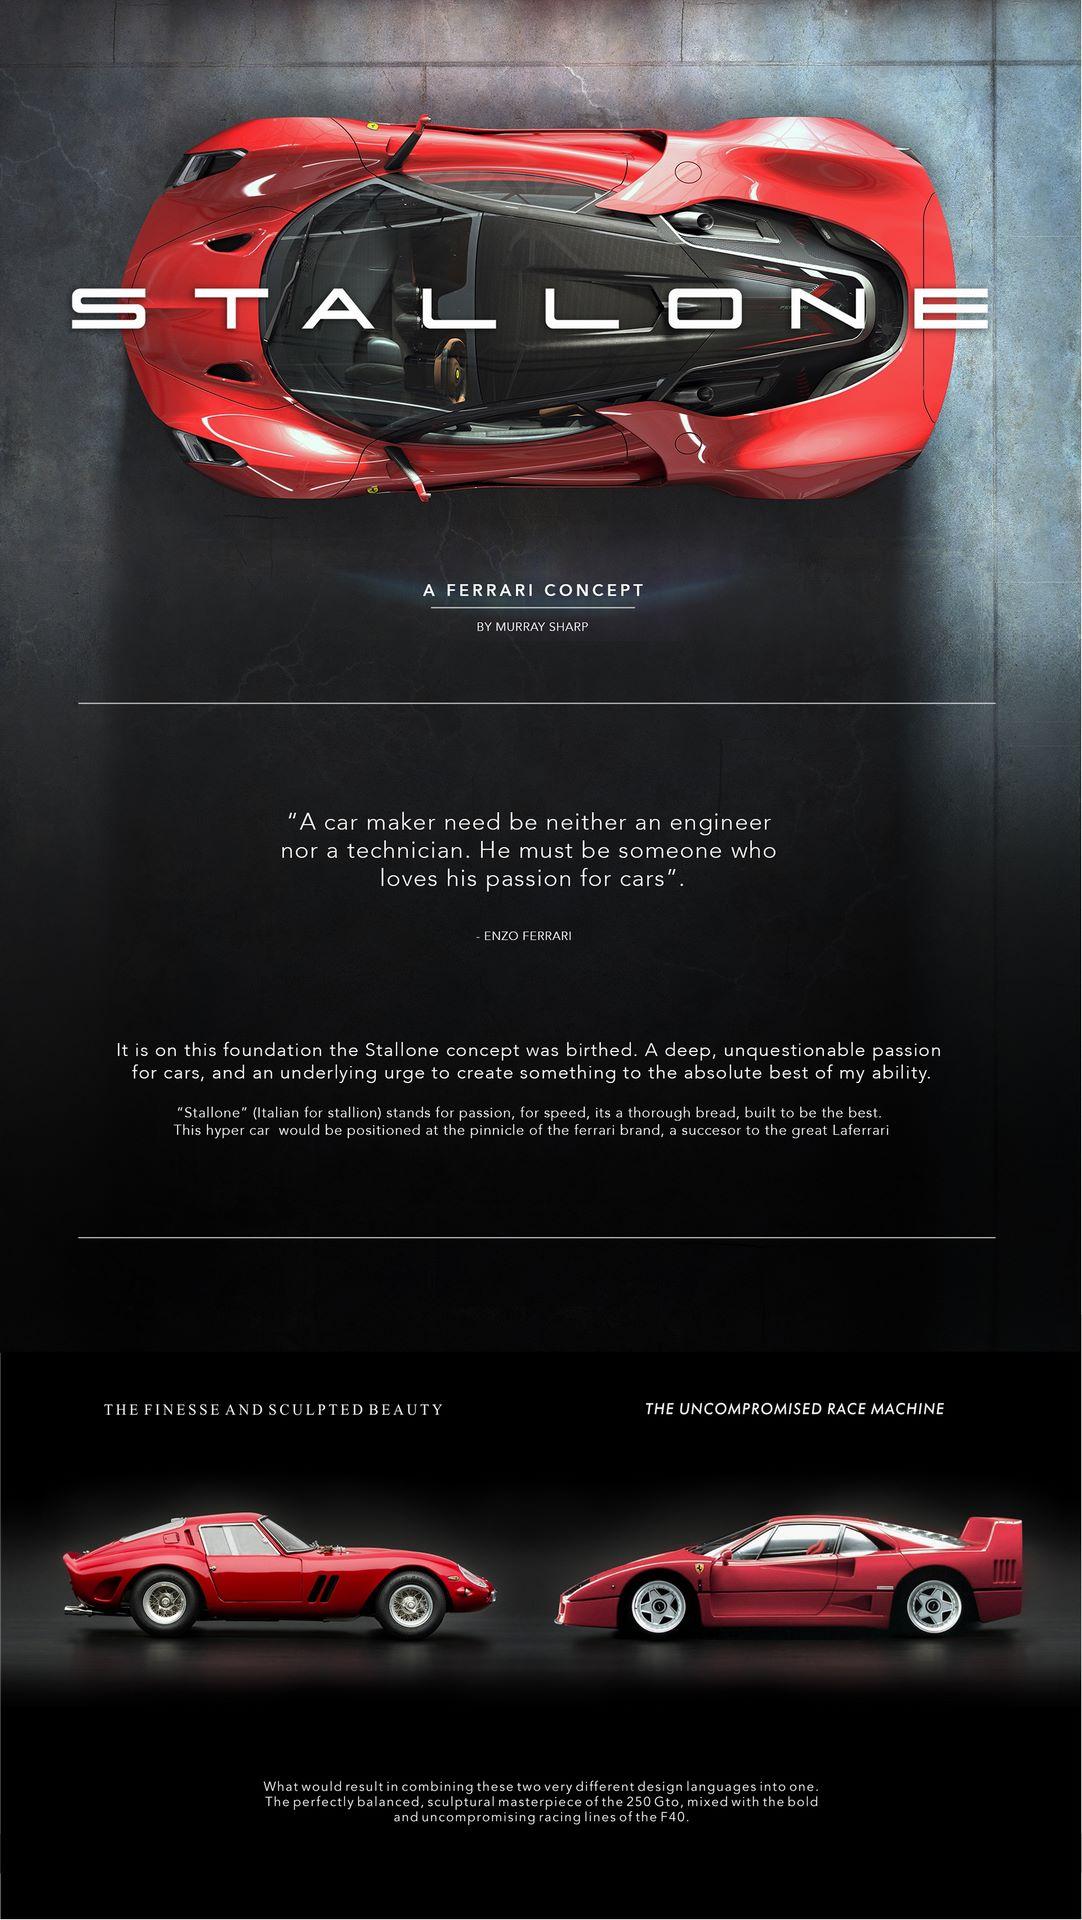 Ferrari-Stallone-Concept-20